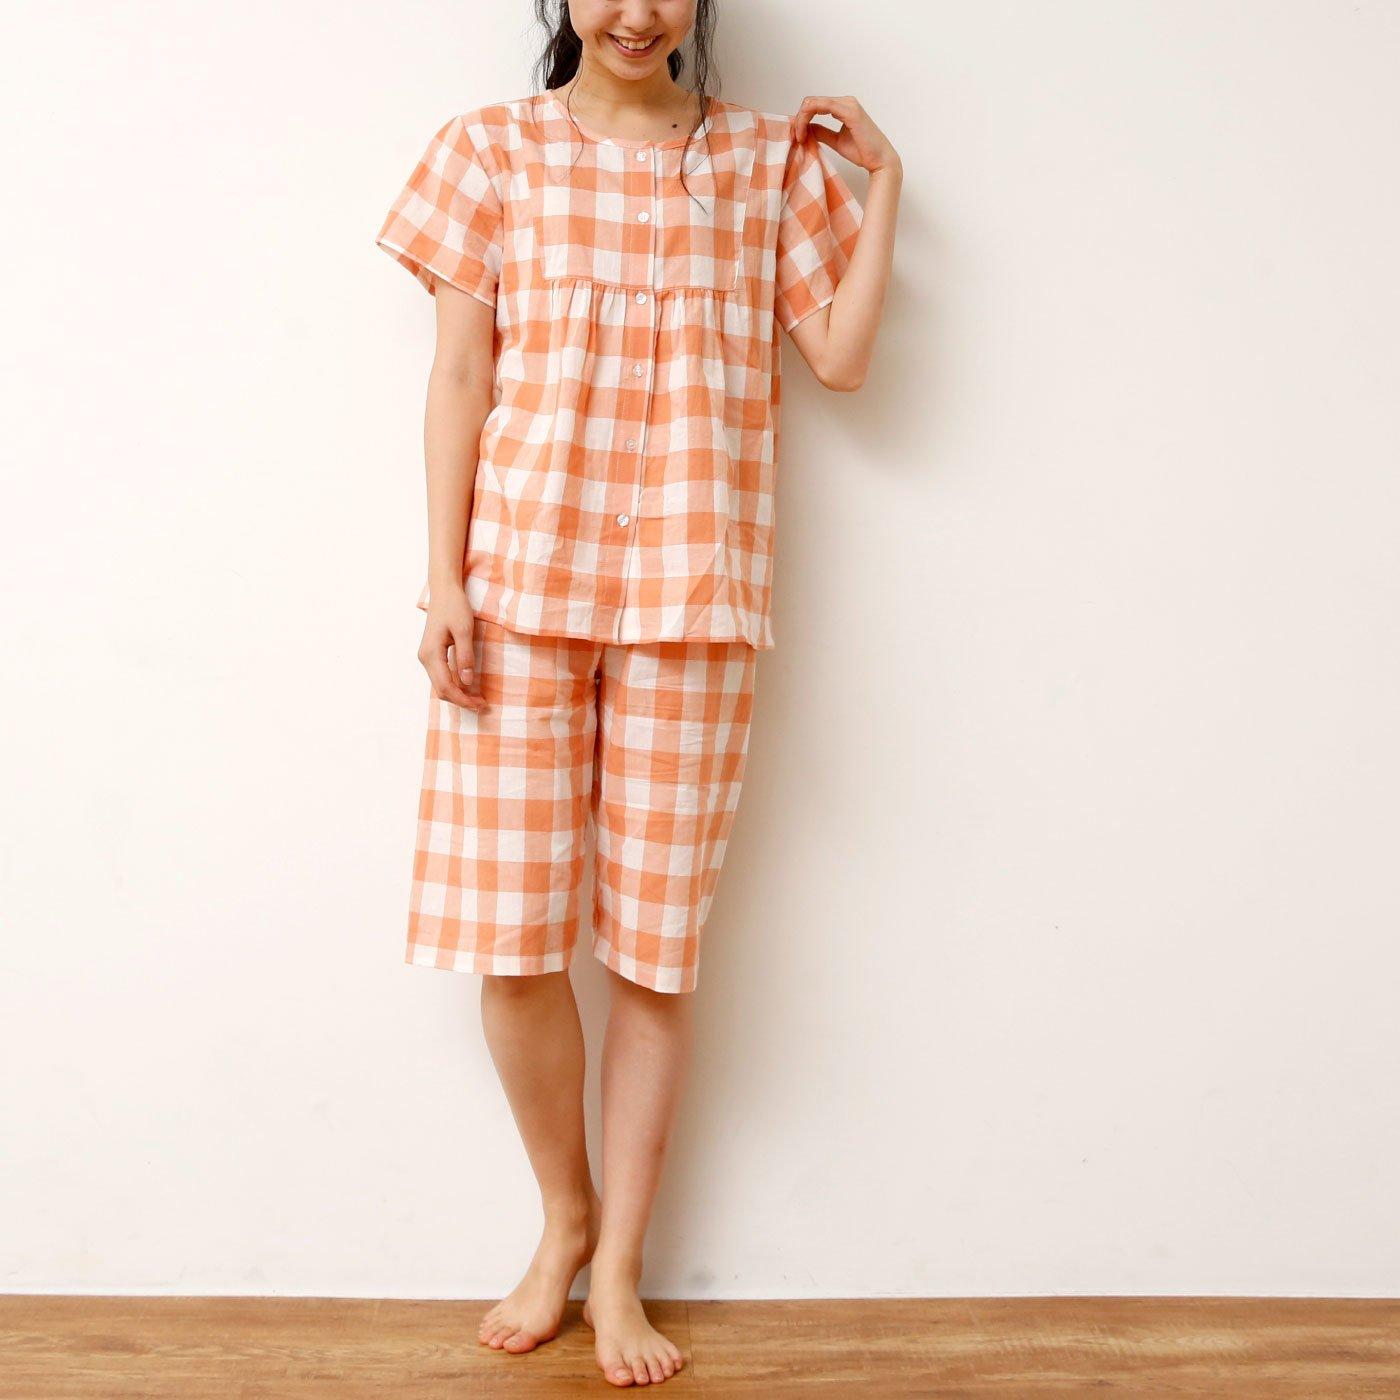 切り替えギャザーでゆったり着心地 夏の快眠チェックパジャマ